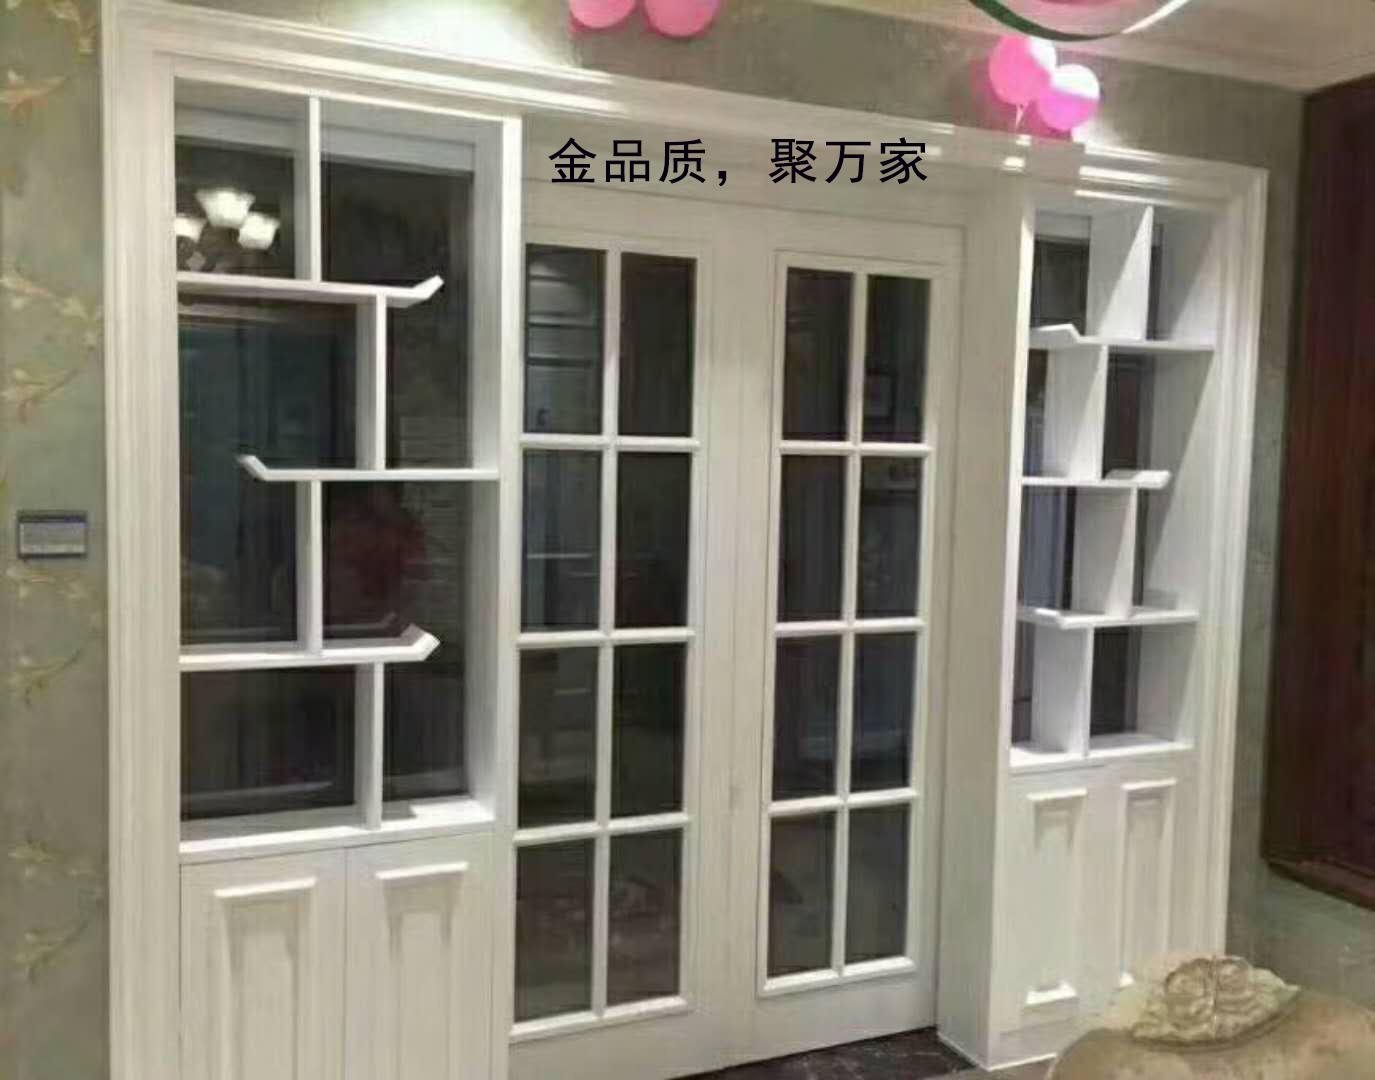 简易书架 博古架 优质博古架 隔断柜子  定制烤漆博古架 定制烤漆博古架厂家